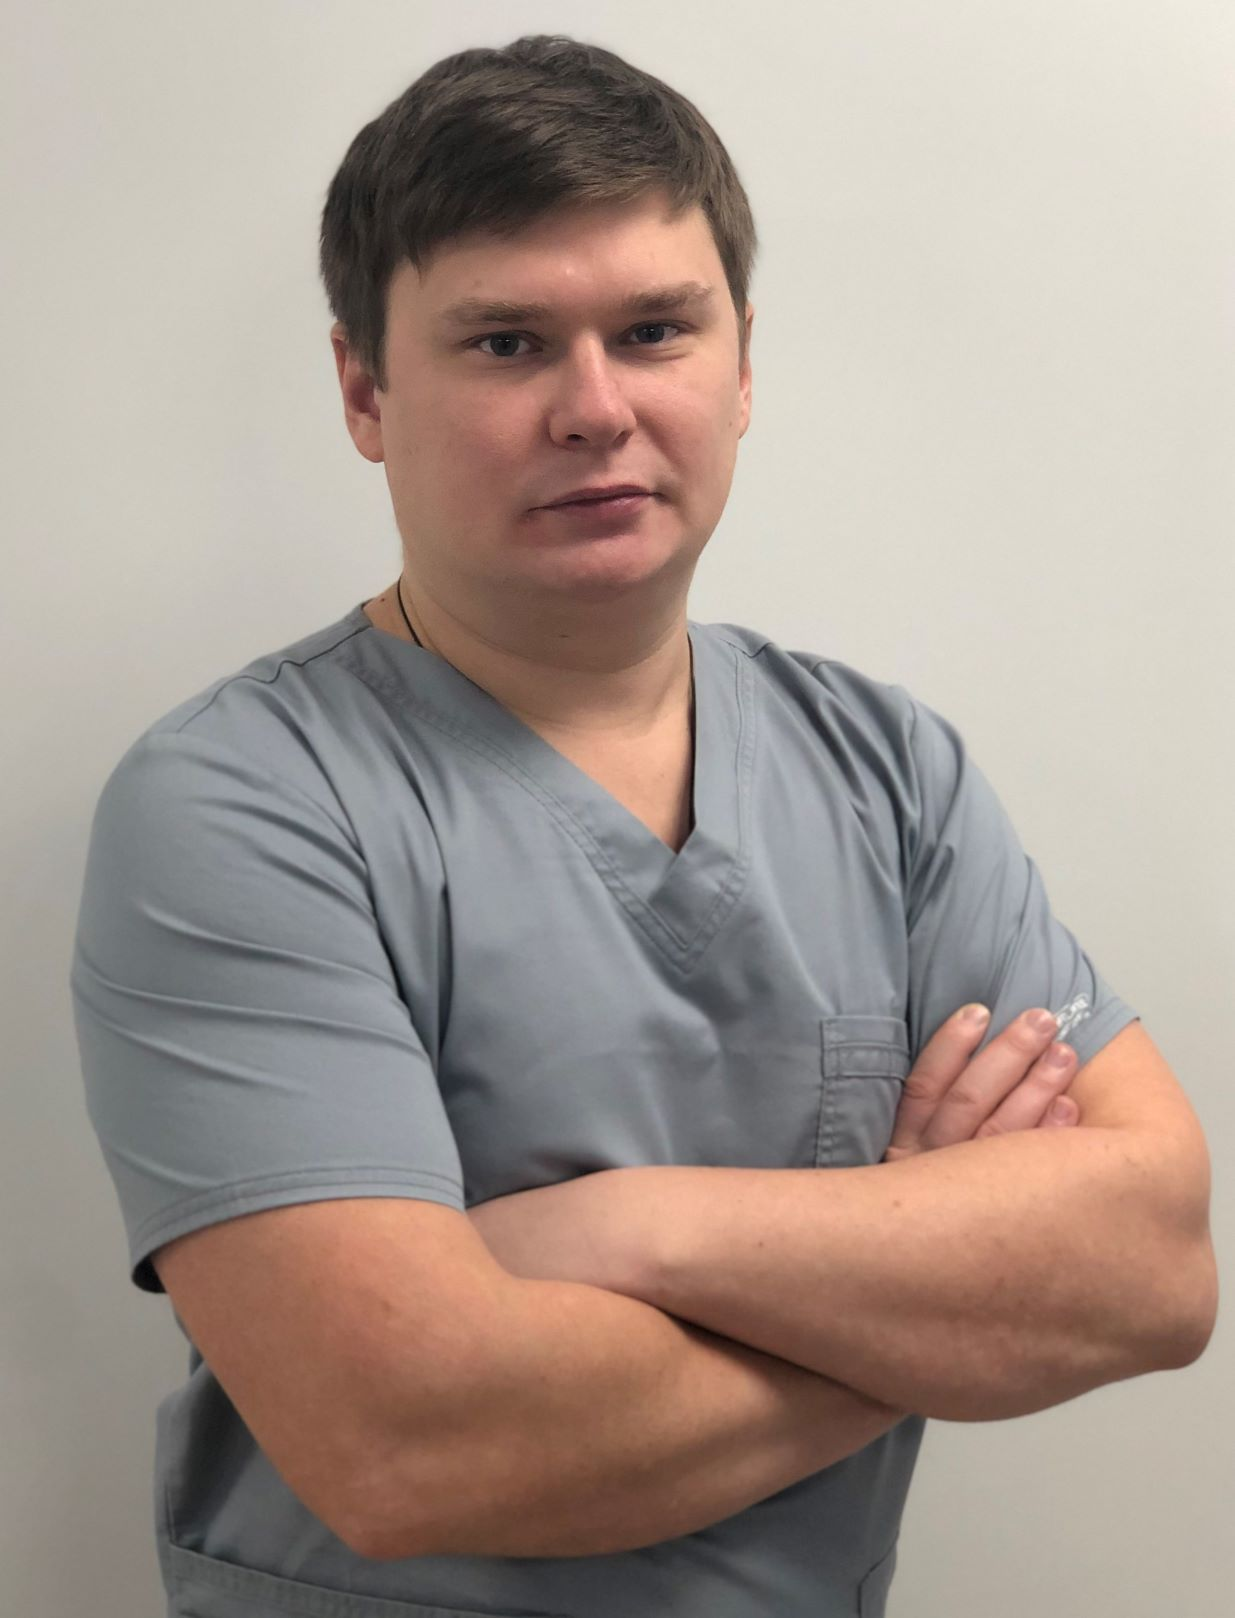 Захаров Никита Андреевич